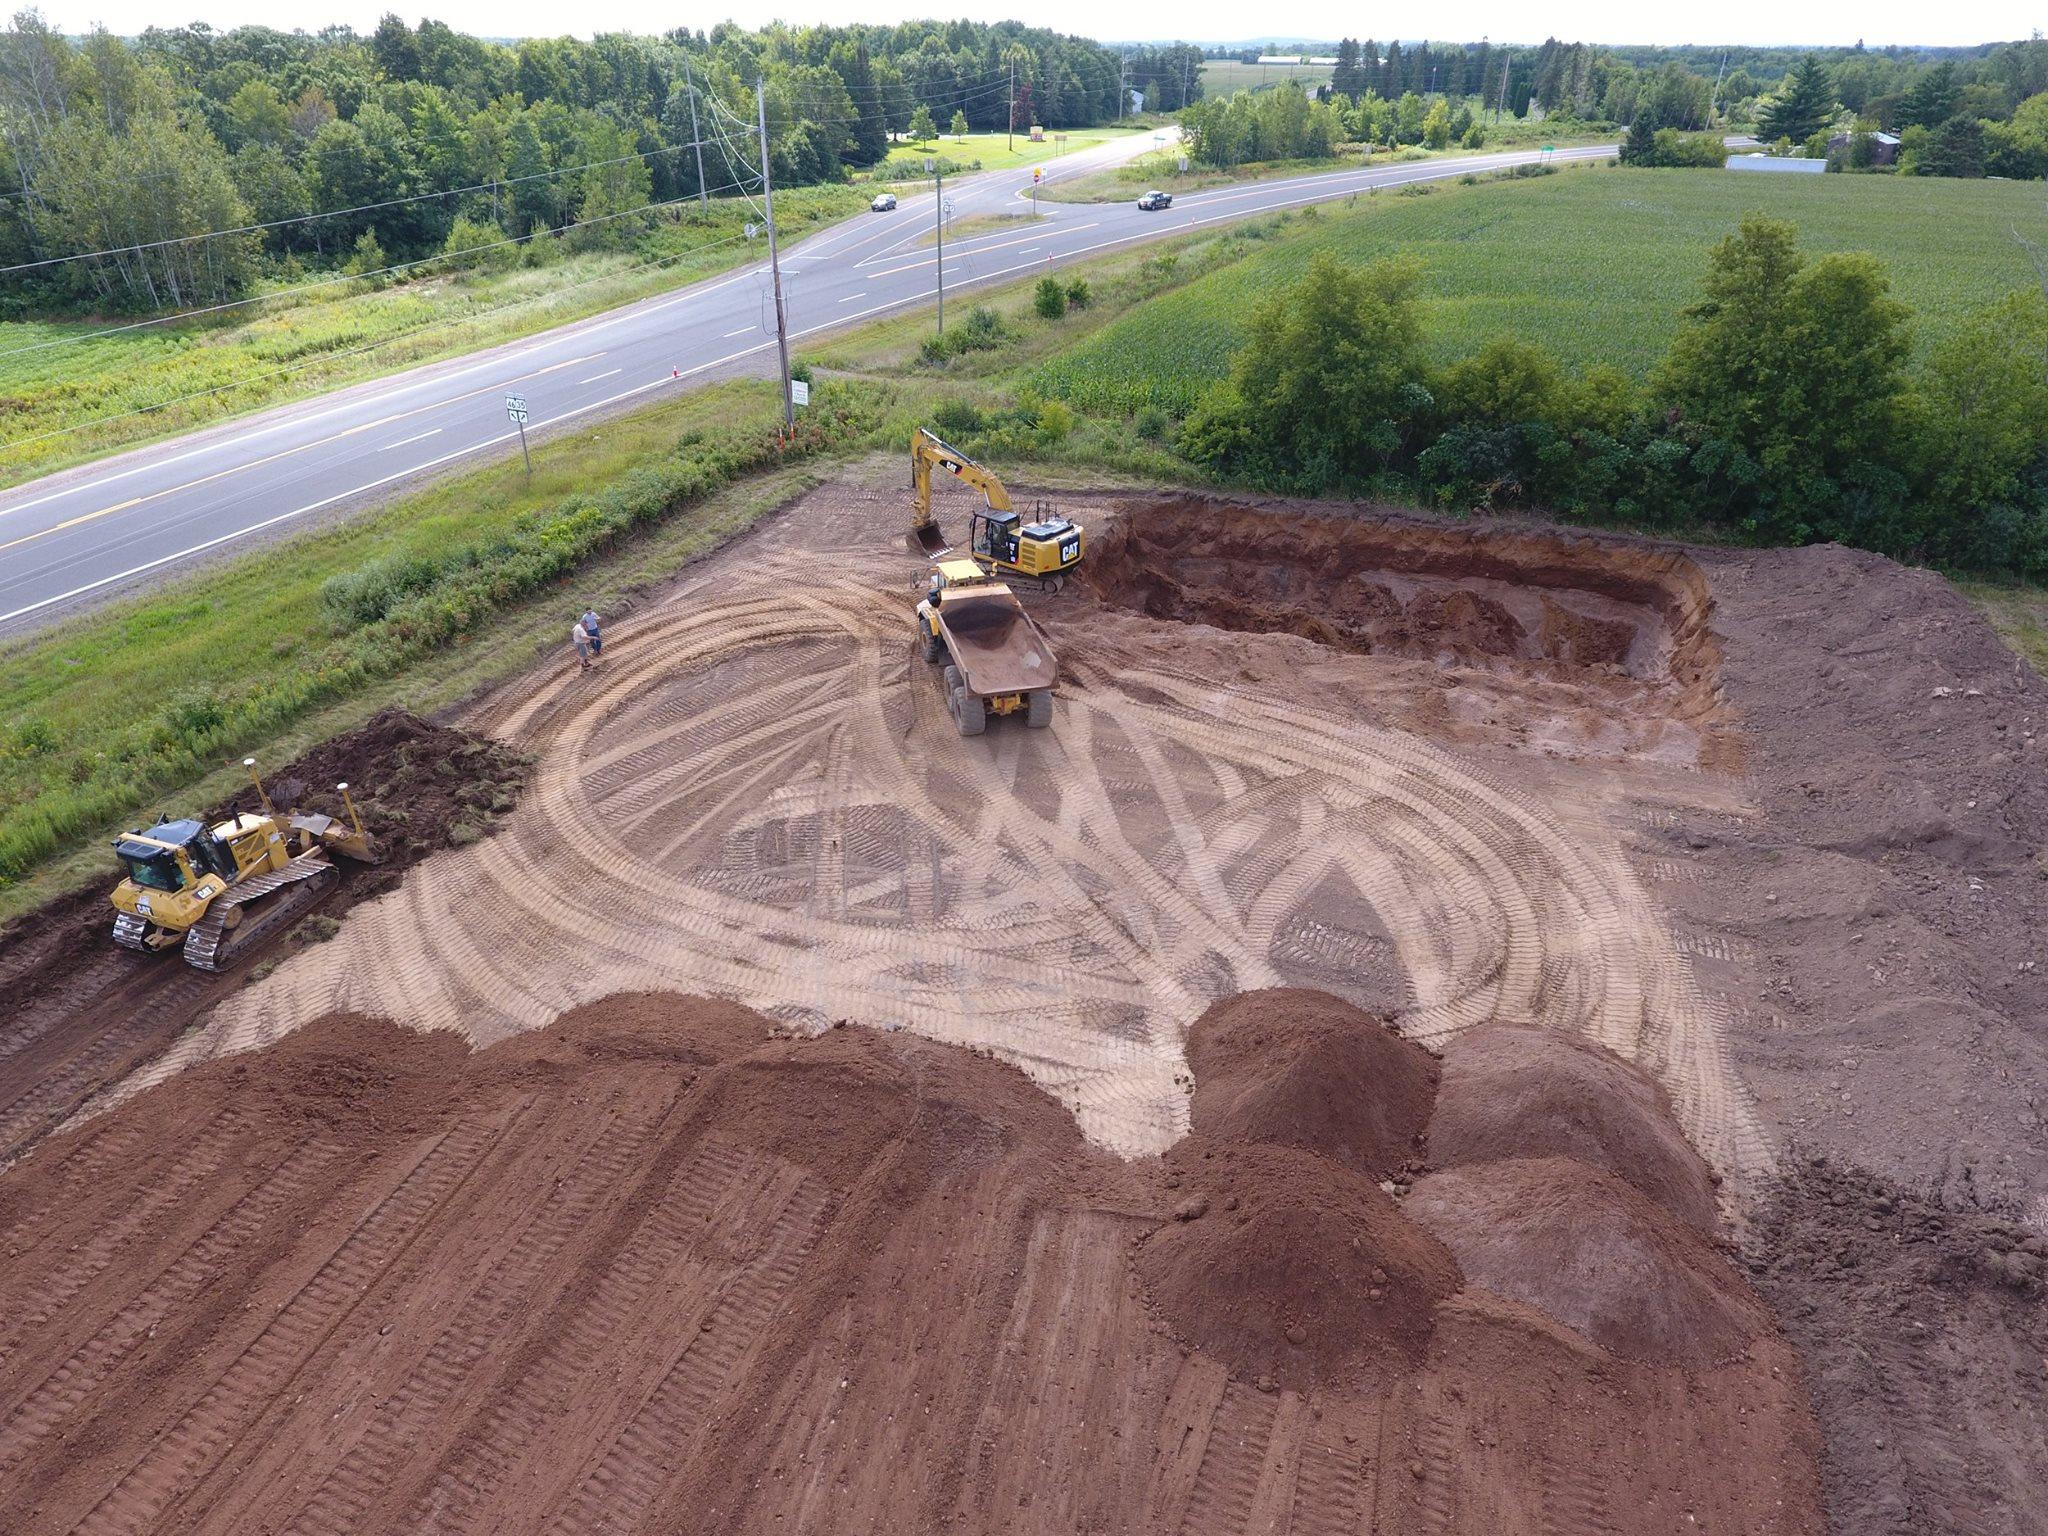 jsgc_excavation_08-24-17_storage-site-prep1.jpg